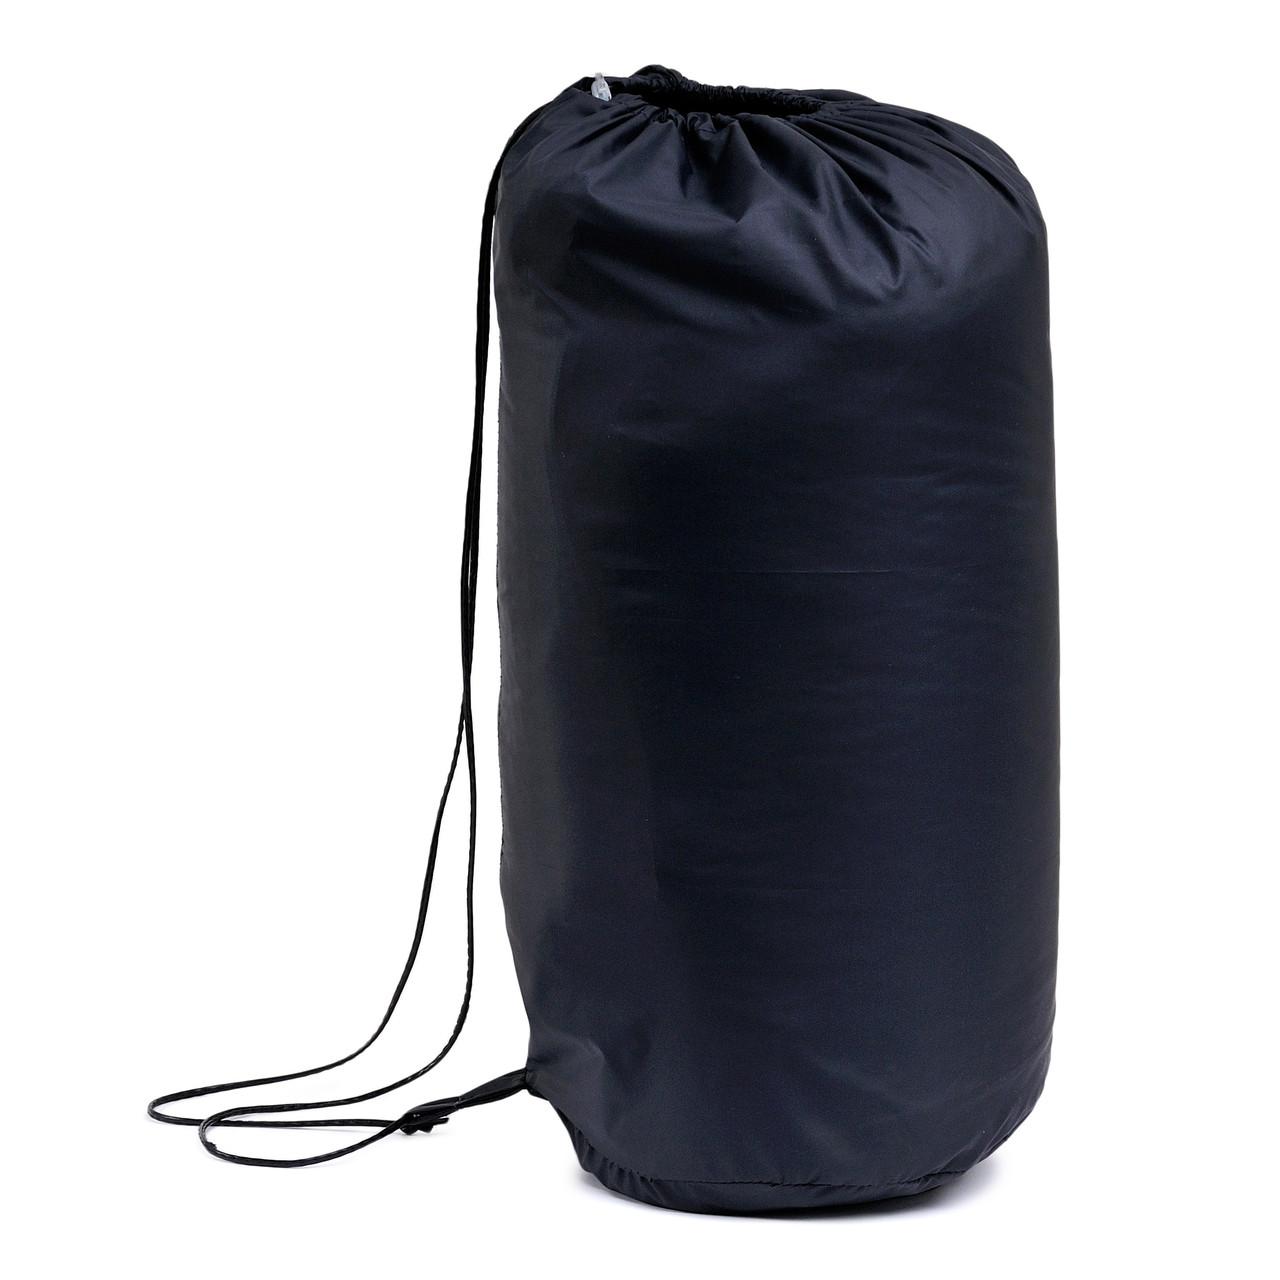 Спальный мешок - одеяло (Спальник) 210х70см Походный Весна/Лето Синий